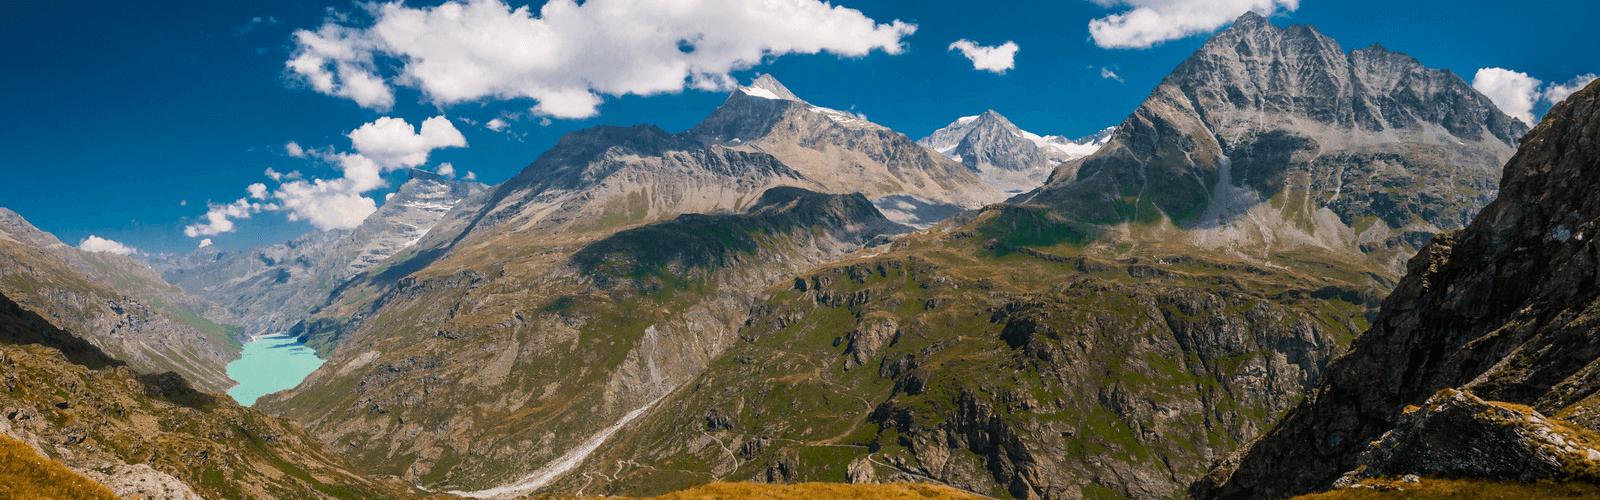 randonnée france suisse